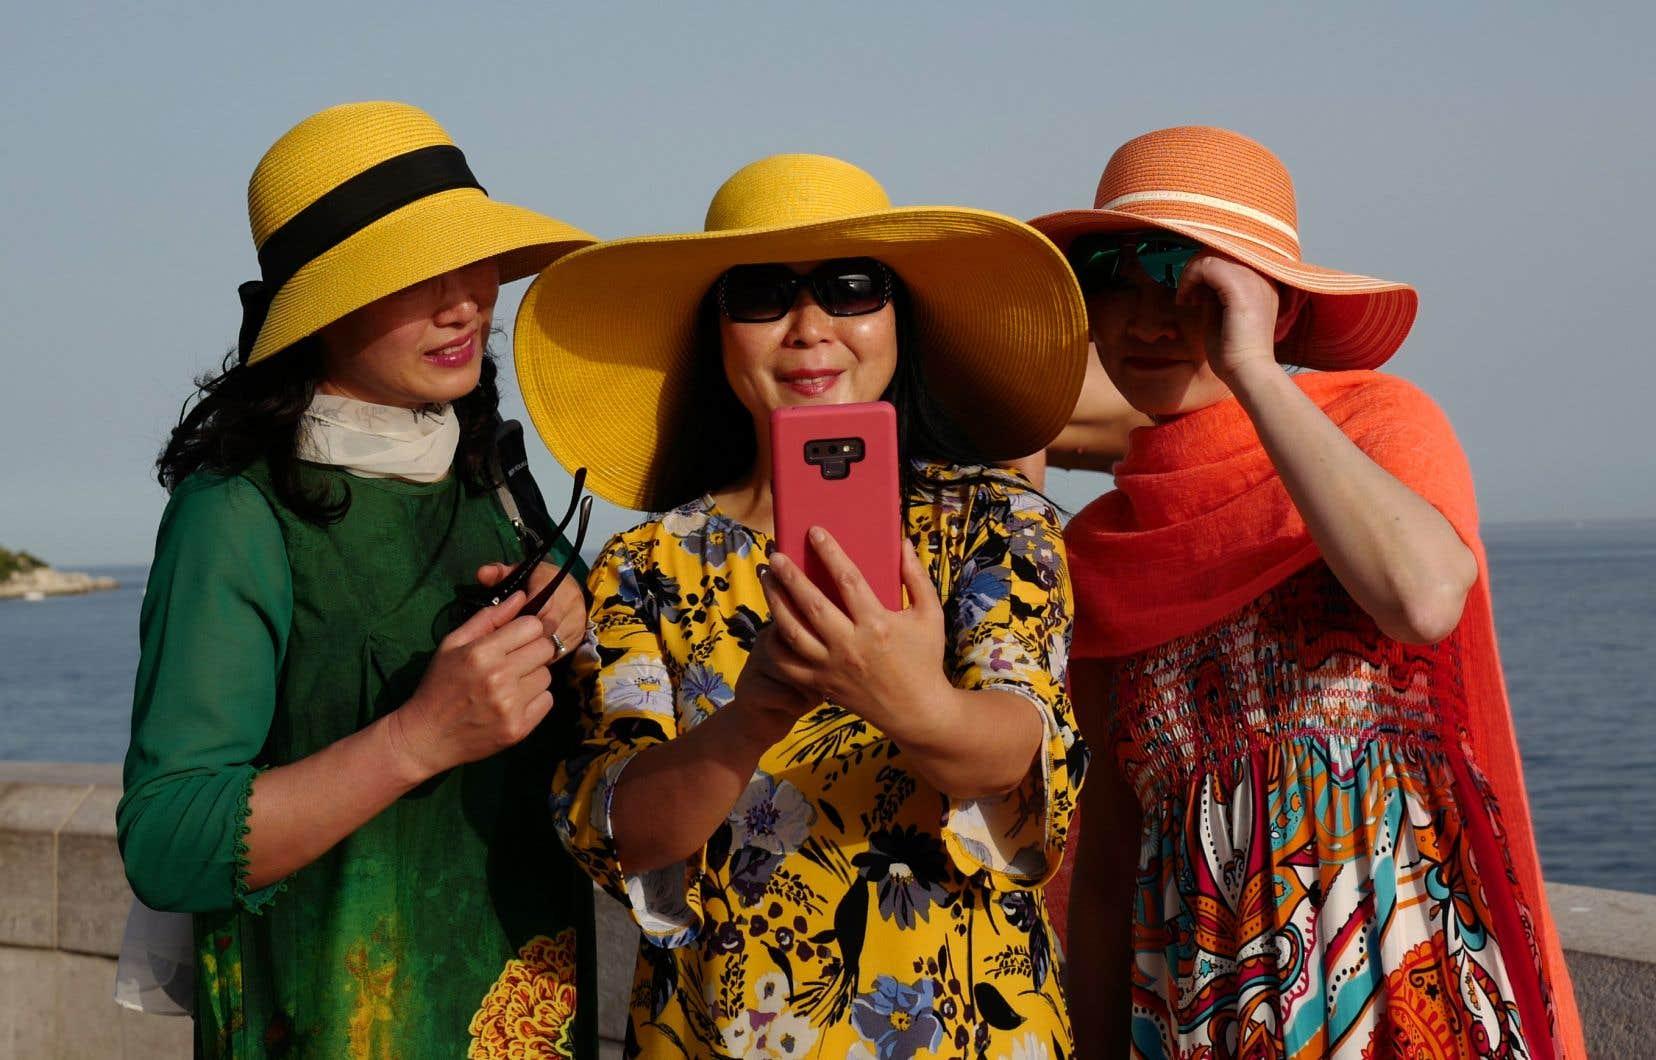 «Ce qui compte ces jours-ci, c'est de montrer qu'on passe de bonnes vacances, pas de passer de bonnes vacances dont on ne témoignera pas», estime le rédacteur en chef Tendances au «Nouvel Observateur», Arnaud Sagnard.